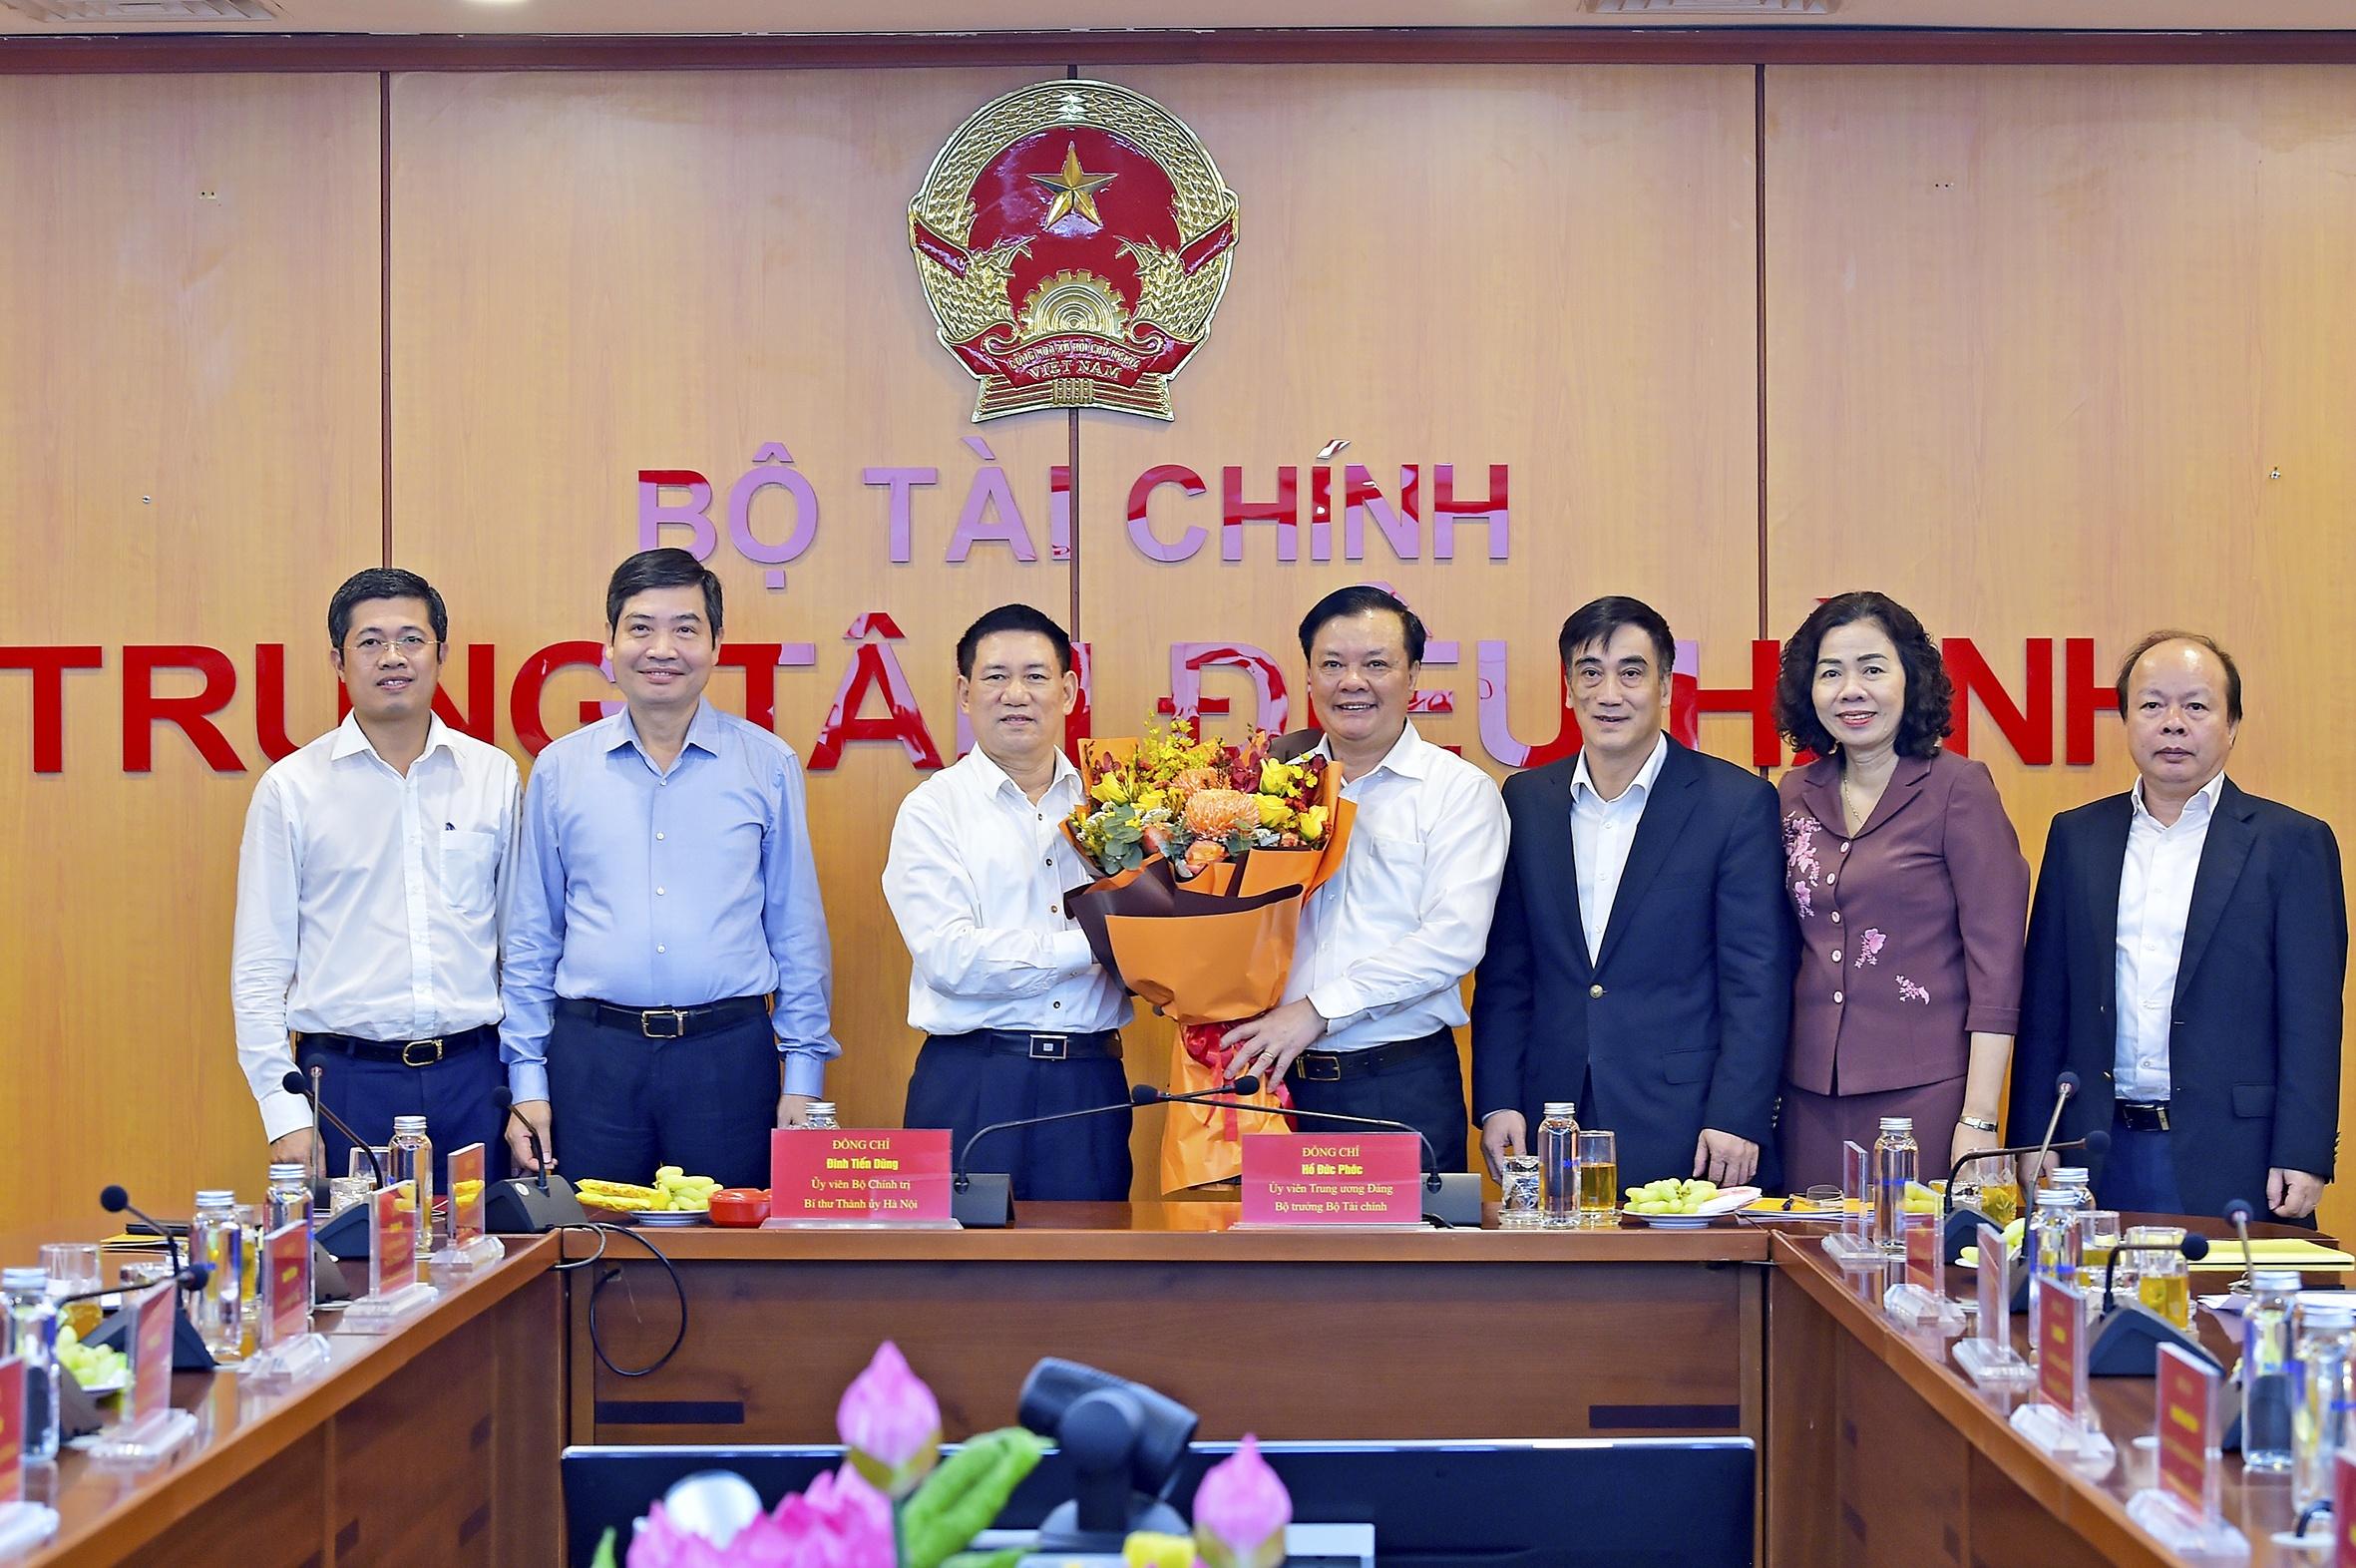 Bo truong Tai chinh Ho Duc Phoc nhan ban giao nhiem vu anh 1